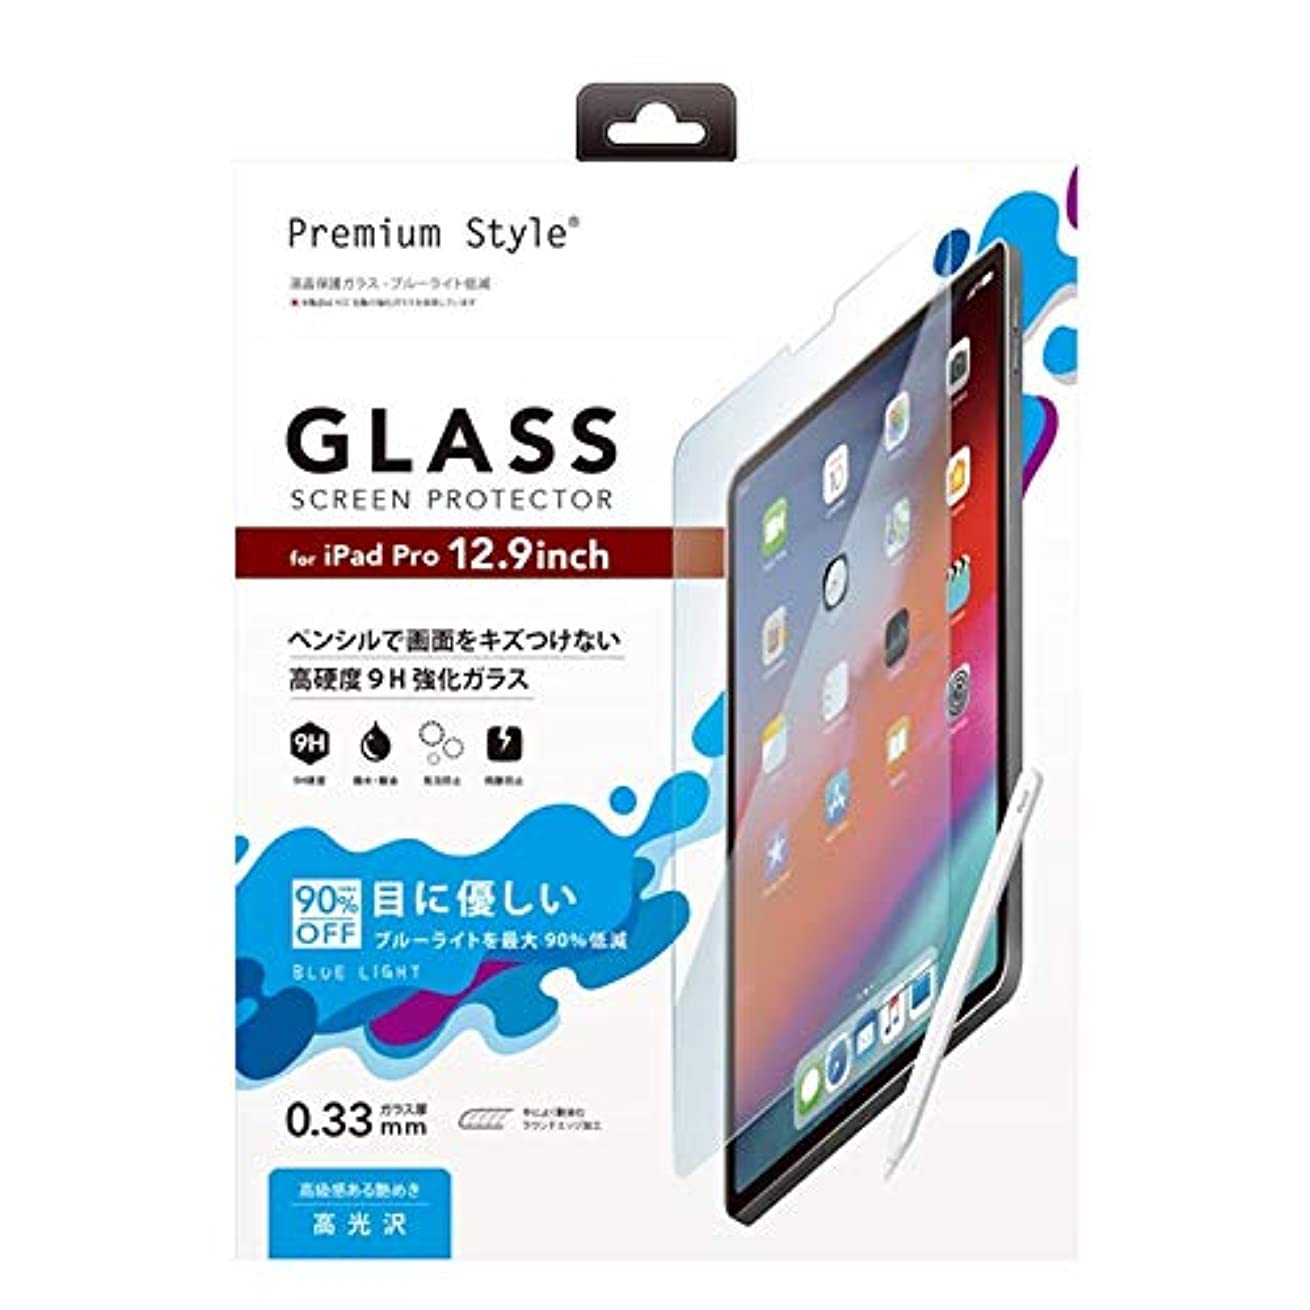 帳面自分小さなiPad Pro 12.9inch 第3世代 2018モデル 液晶全面 保護ガラス ブルーライト カット 目に優しい クリア 光沢 液晶保護 ガラスフィルム 全画 保護フィルム 強化ガラス ガラス フィルム シール 防指紋 iPadPro 12.9 アイパッドプロ アイパッド プロ iPadPro12.9 2018 s-pg_7a928